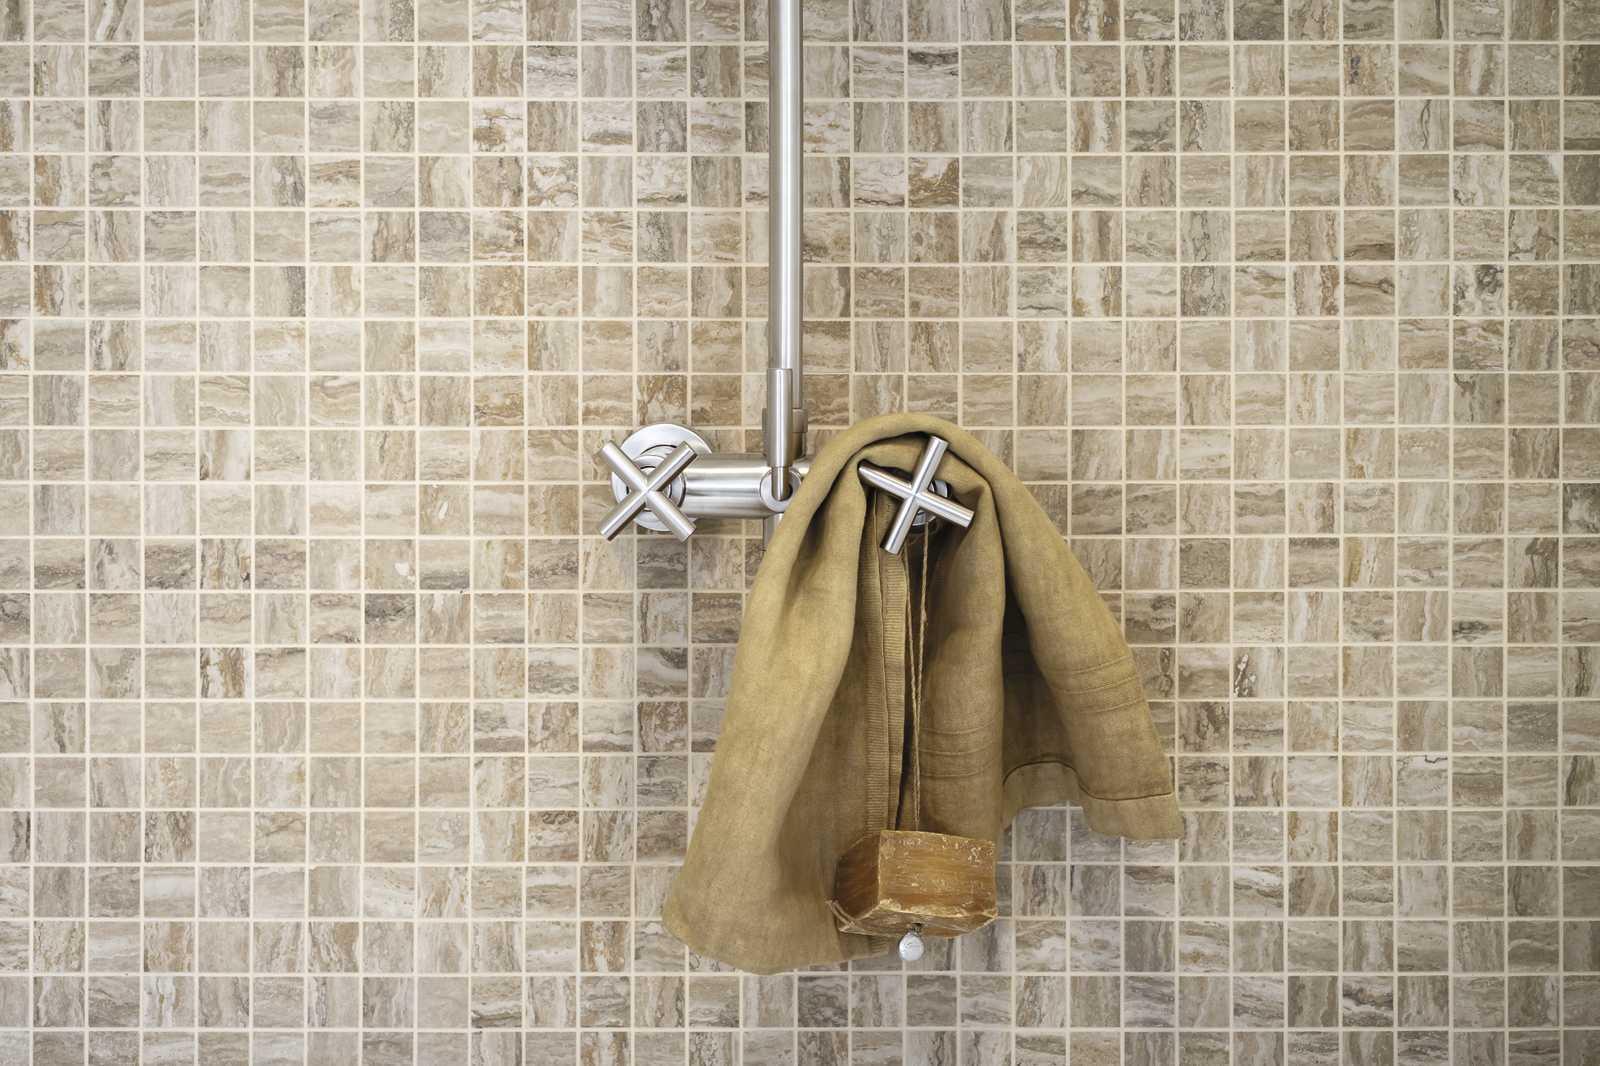 mosaico bagno texture ~ Comarg.com = Lussuoso Design del Bagno con ...